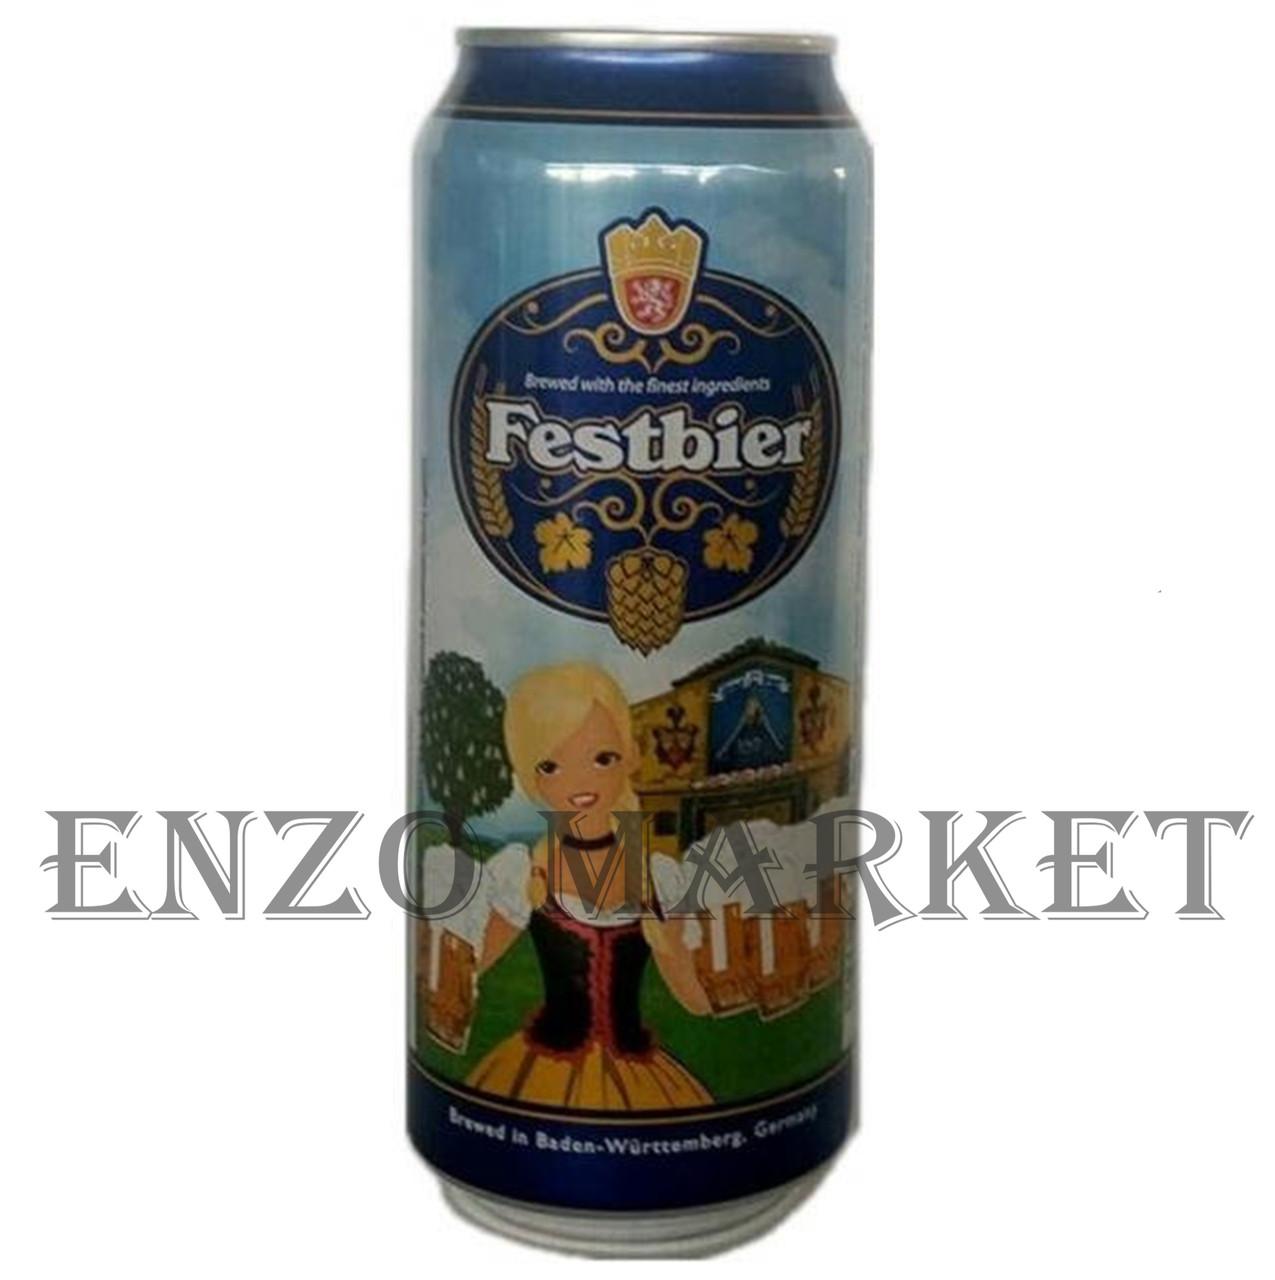 Пиво Alpenfest Festbier, 0,5 литра